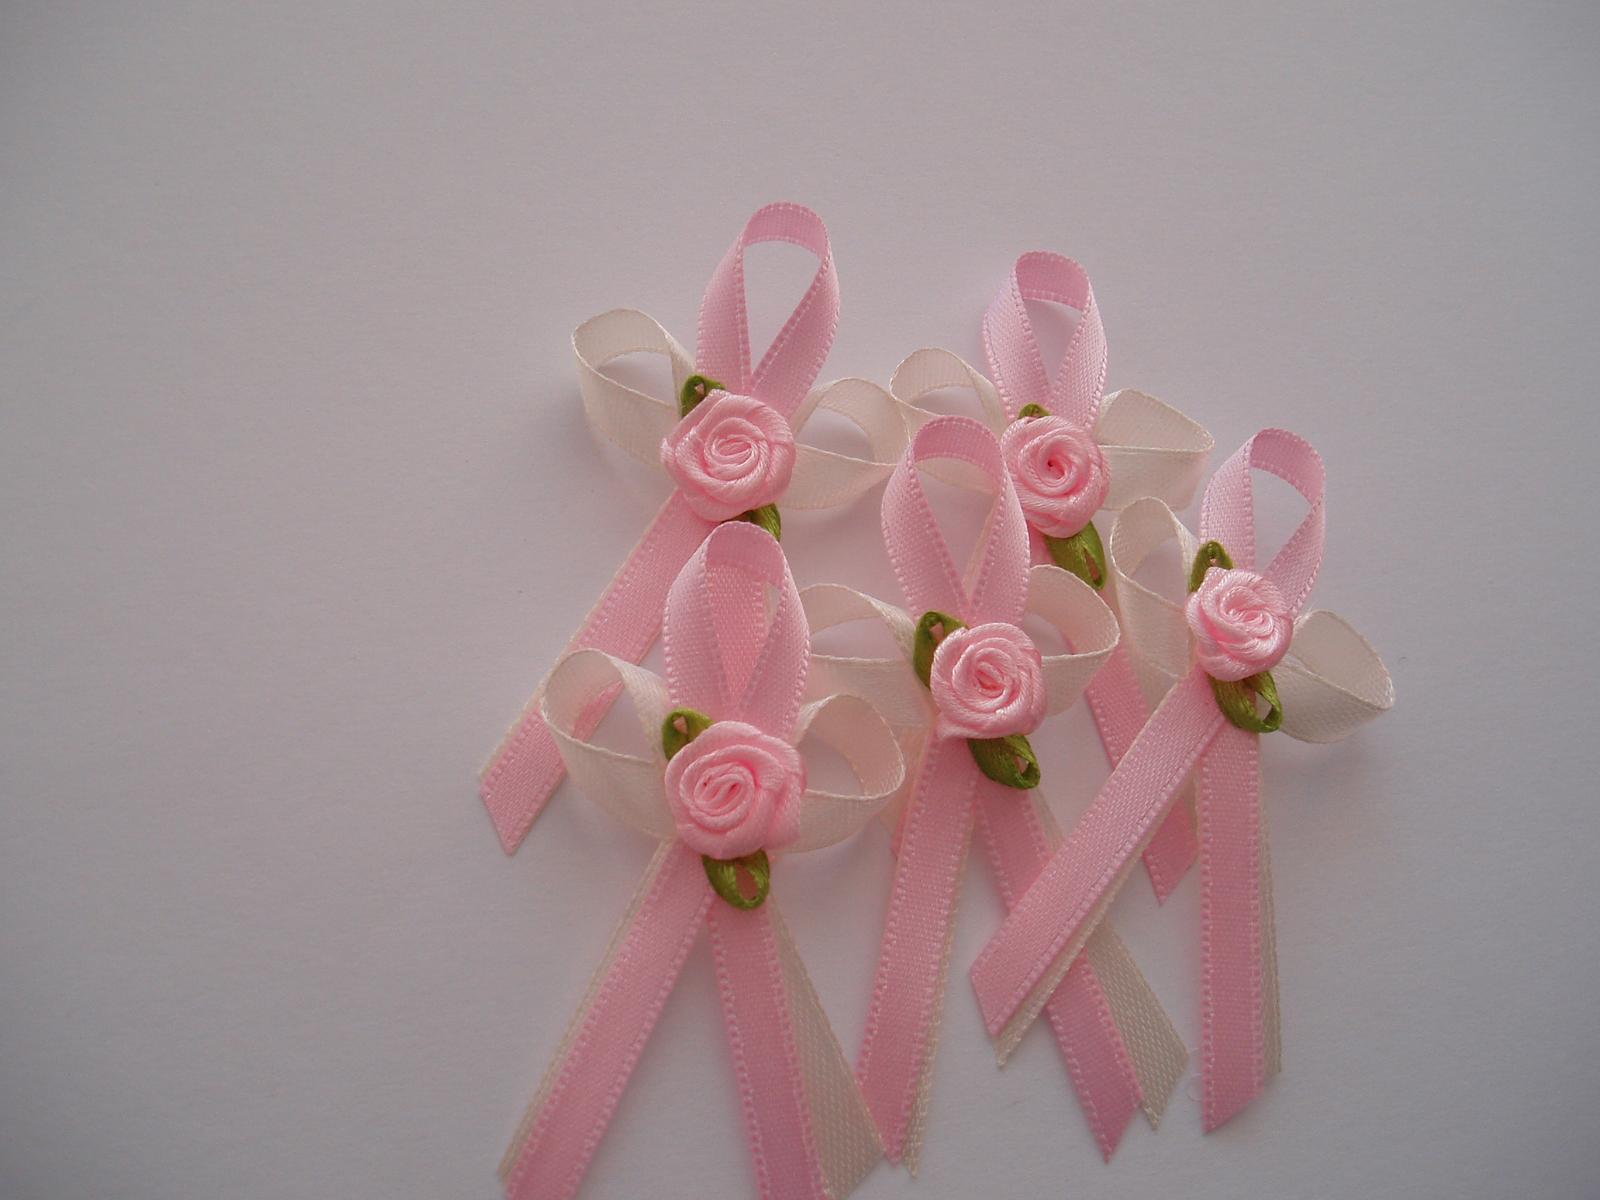 vývazek smetanovo-růžový - Obrázek č. 2